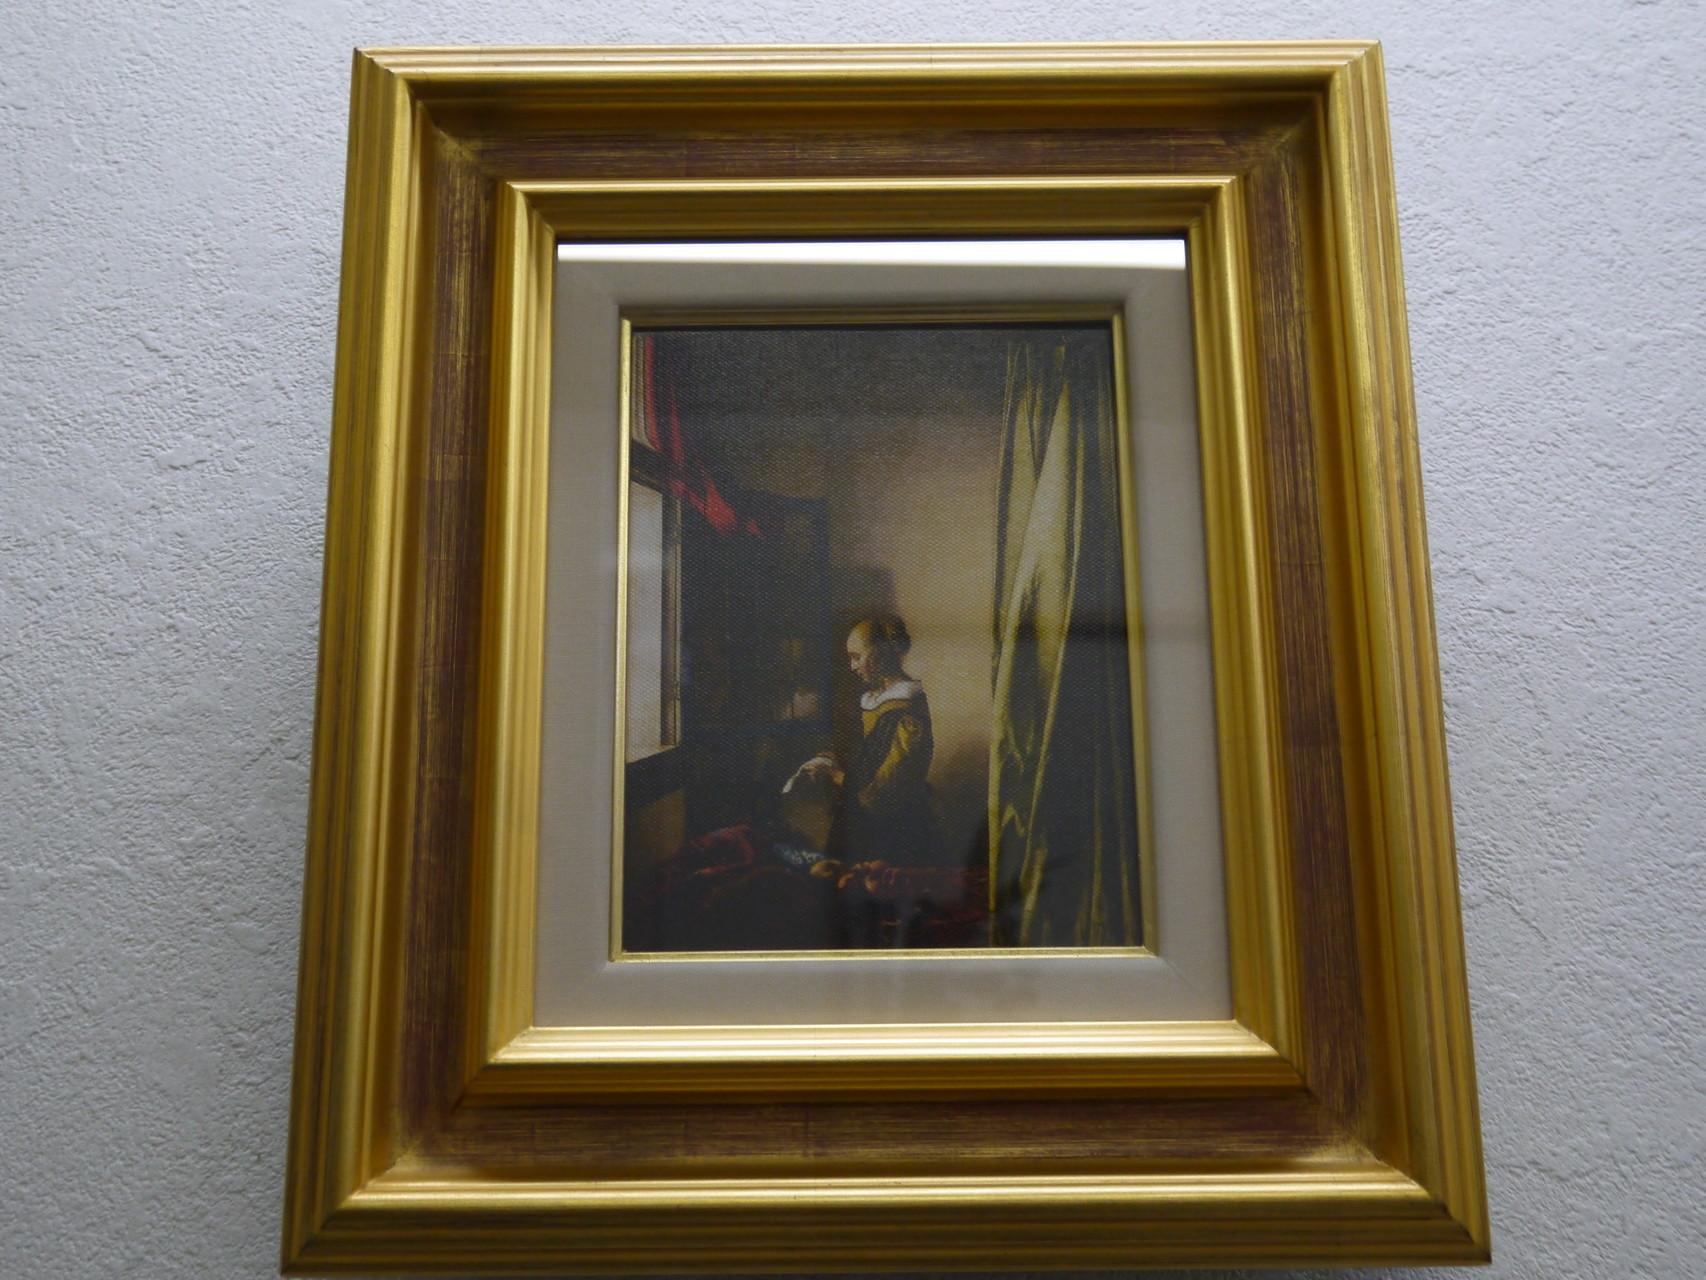 ヘェルメール窓辺で手紙を読む女